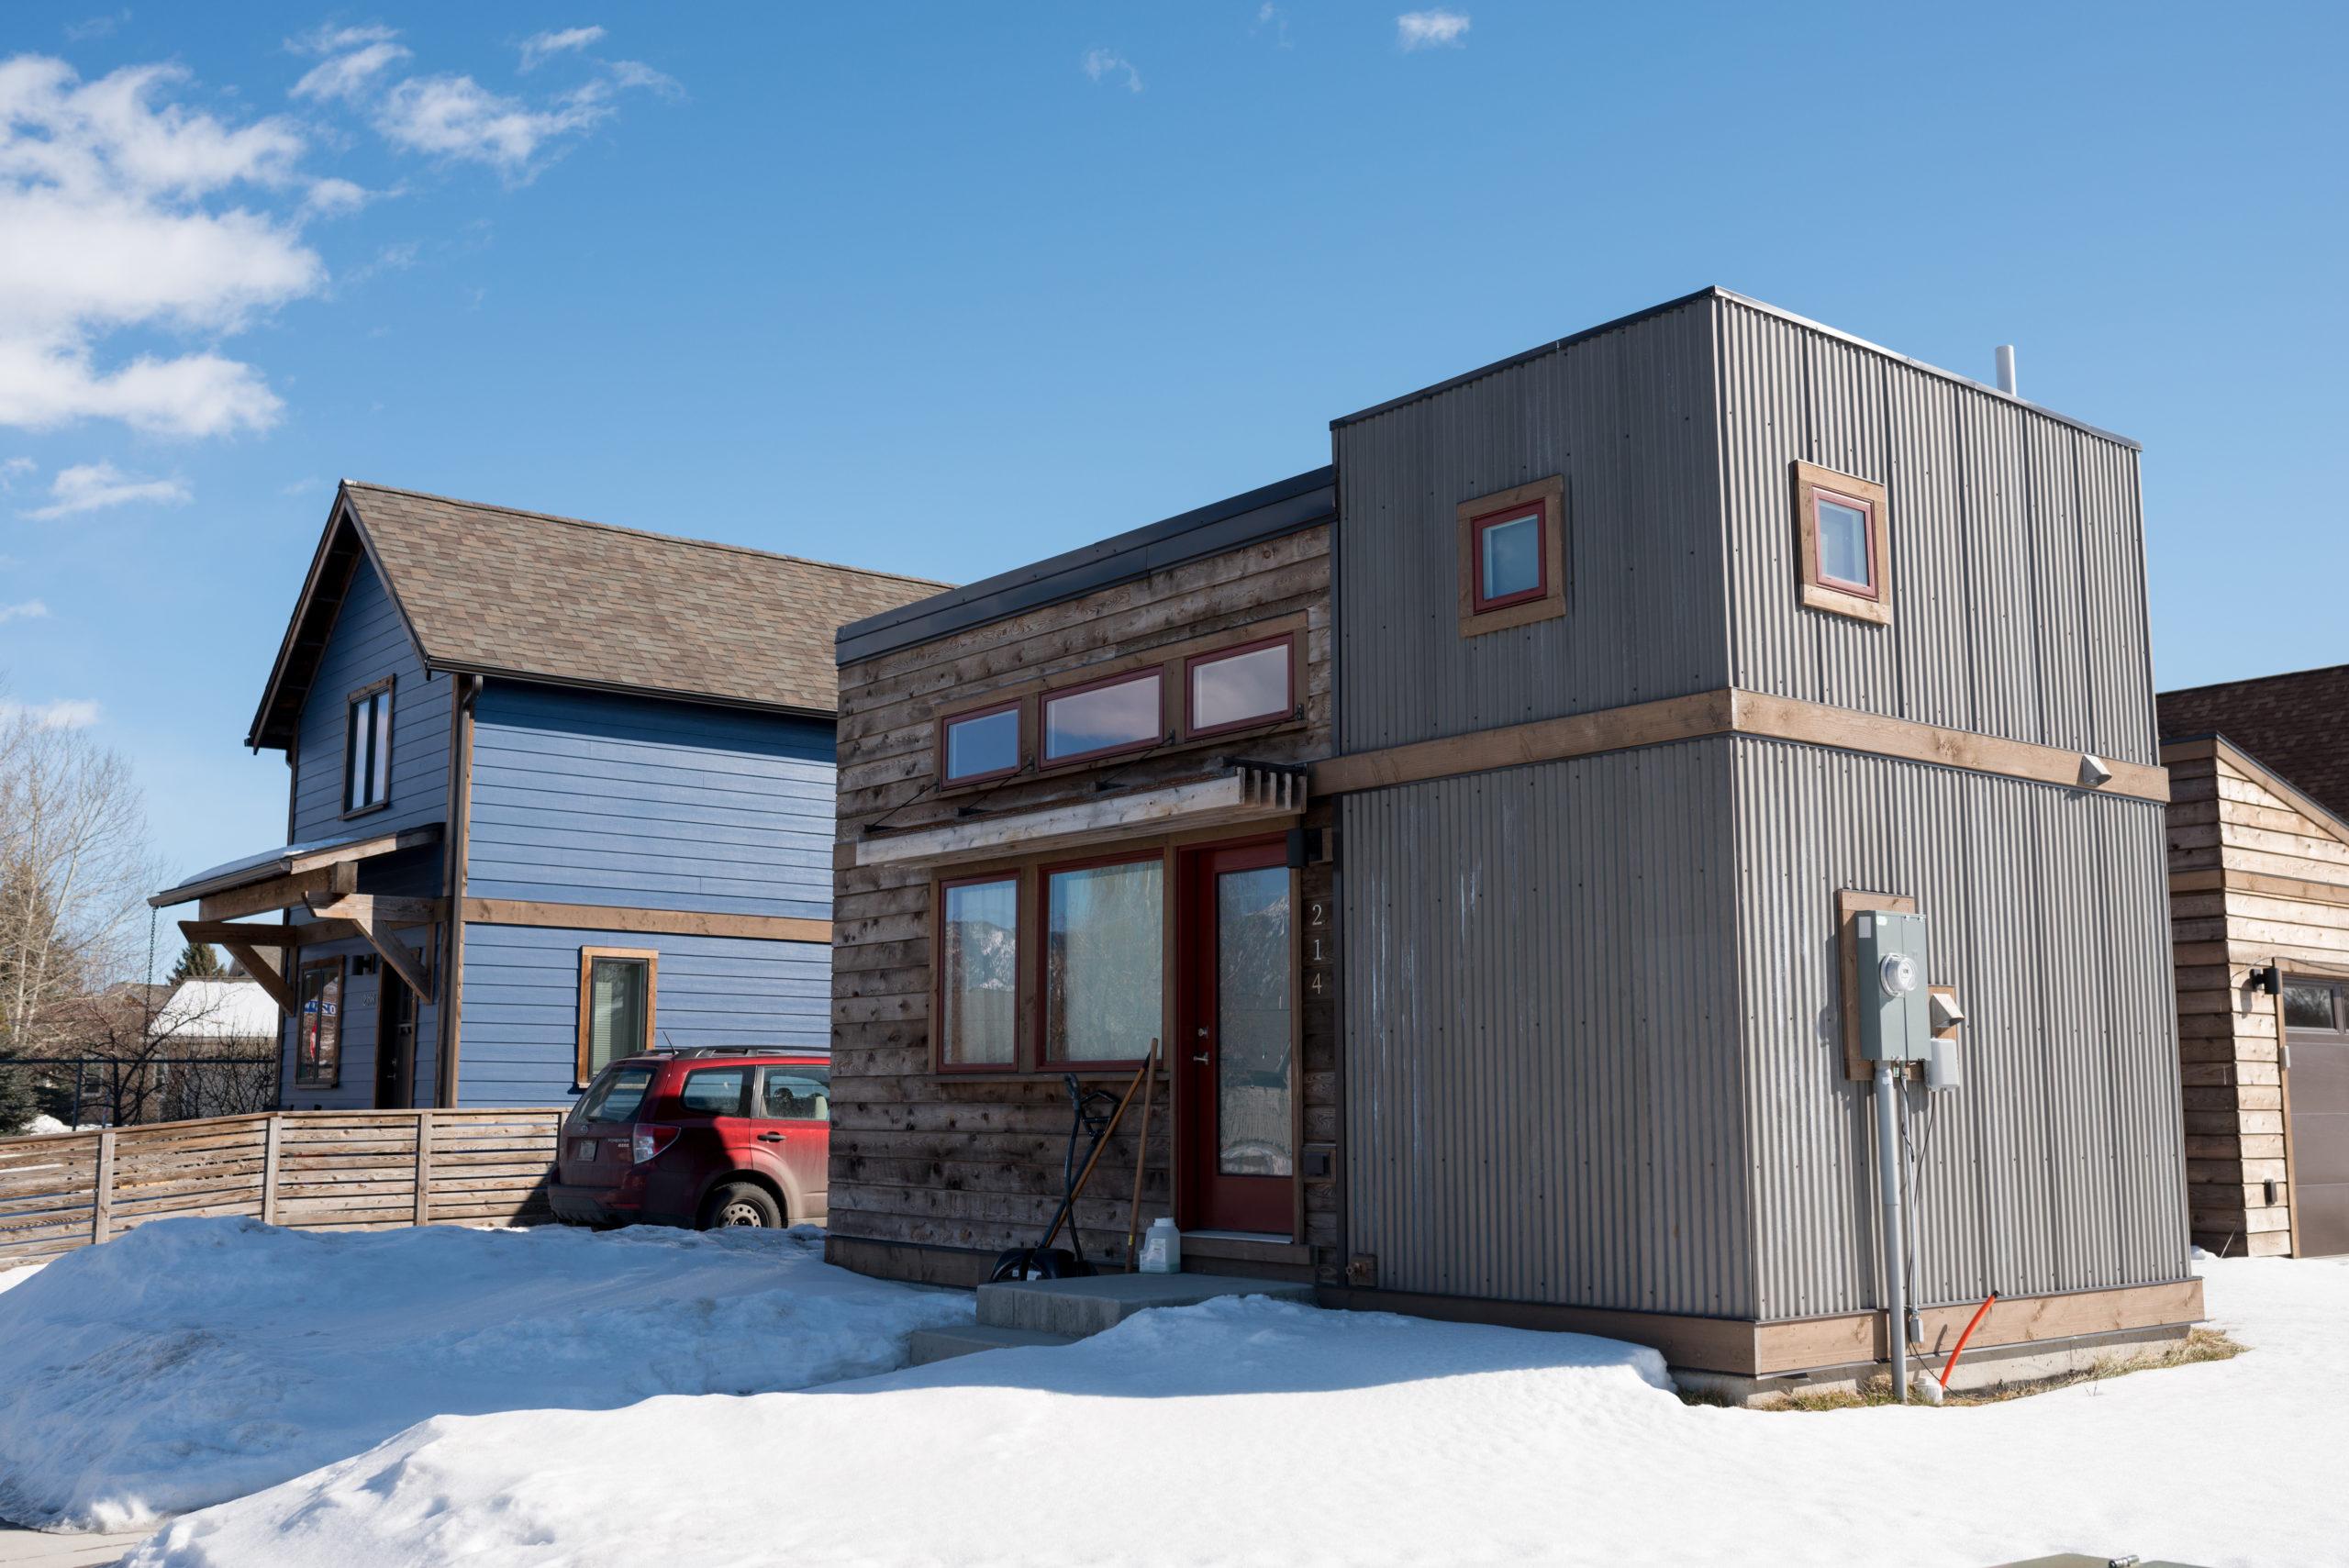 Community Development Humble Homes